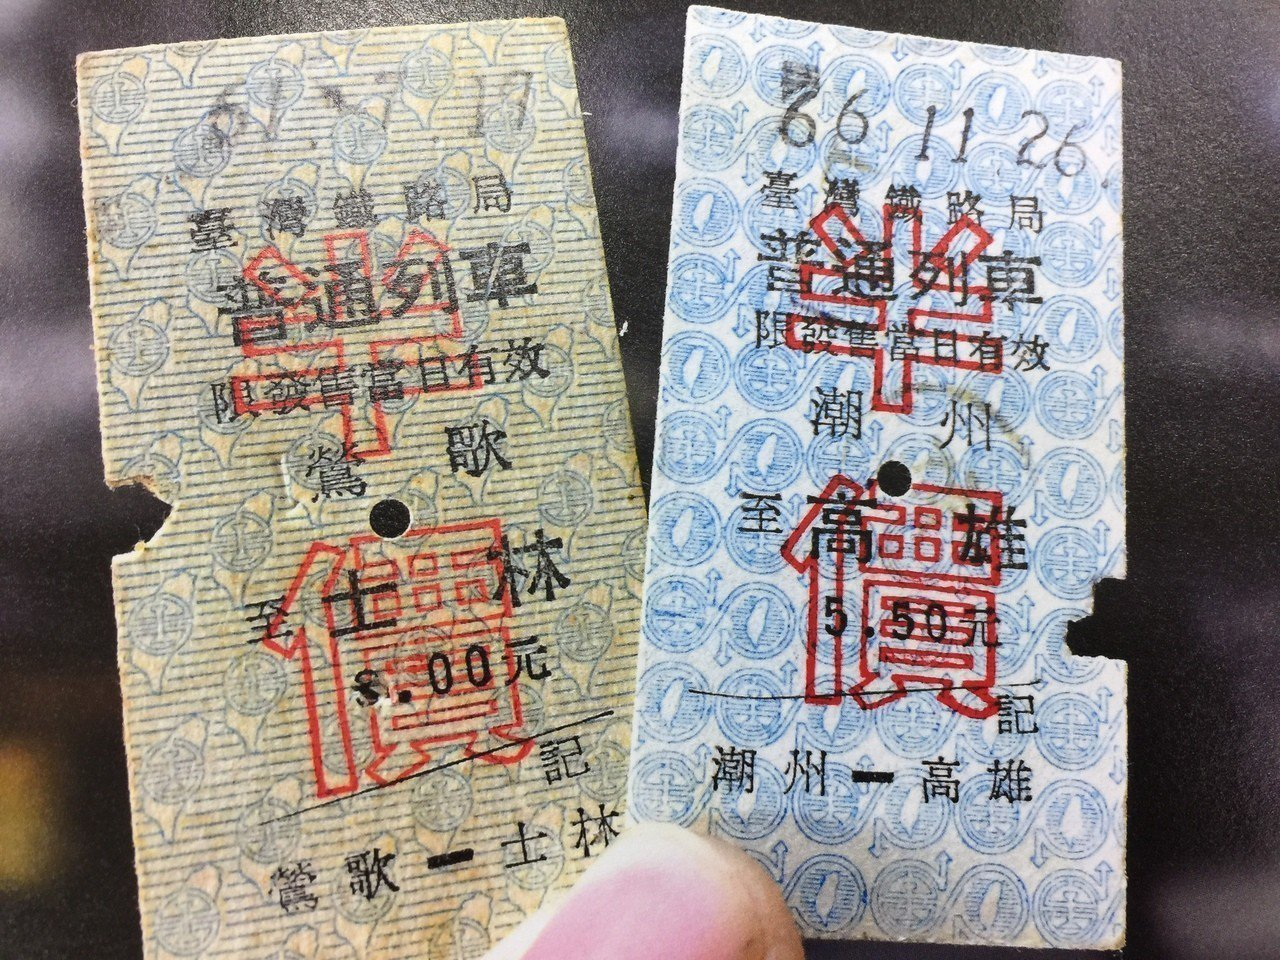 舊時硬卡火車下方為什麼有一條線?「老火車票說故事」書中有答案。圖/翻攝自倪京台「...